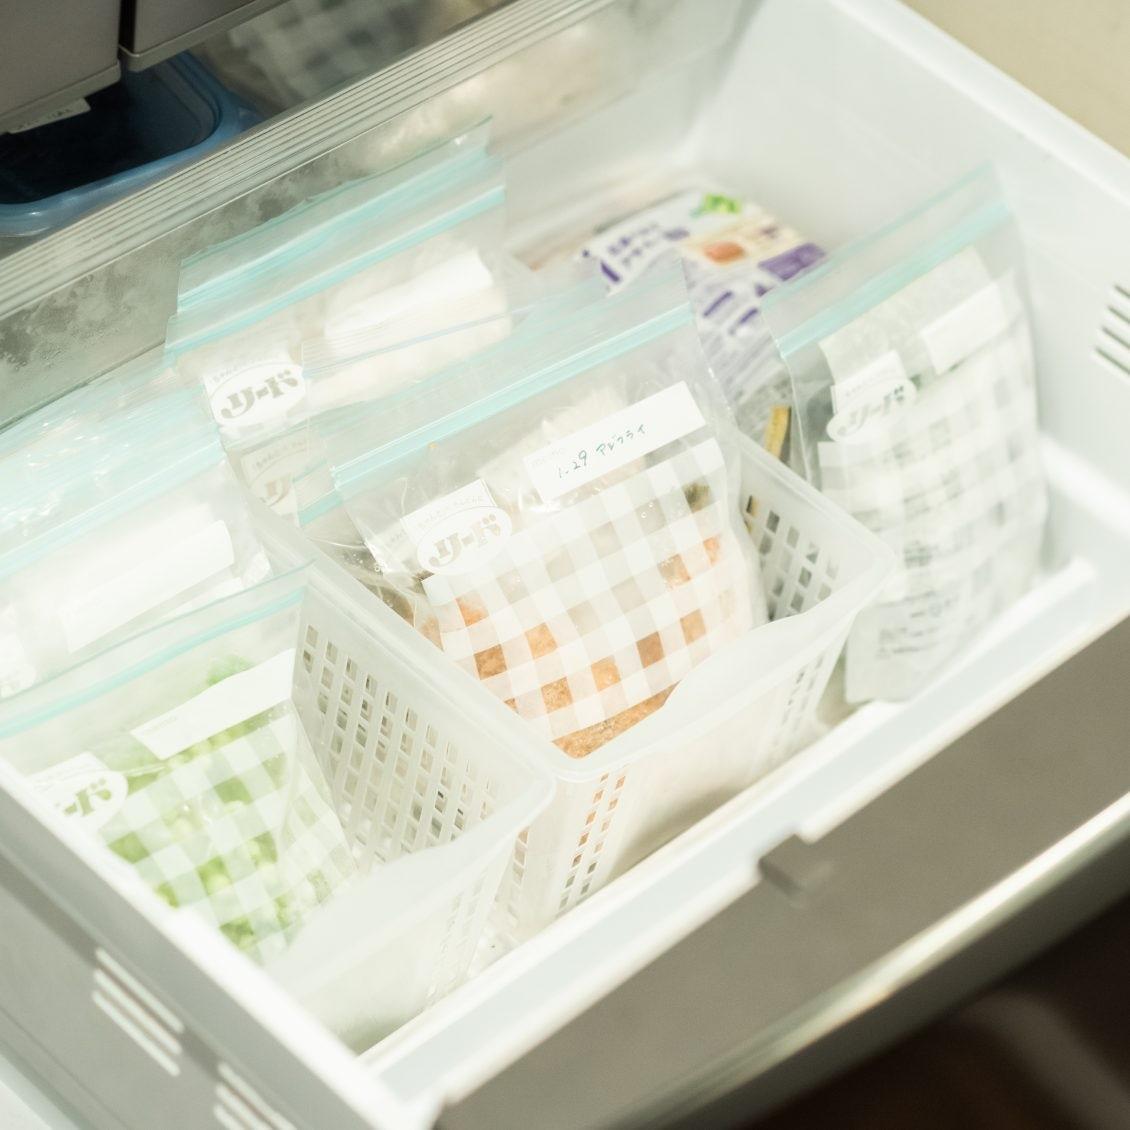 【使いきる、冷蔵庫収納】第3話:「立てて収納」がキホン。冷凍庫を最大限に使うアイデア